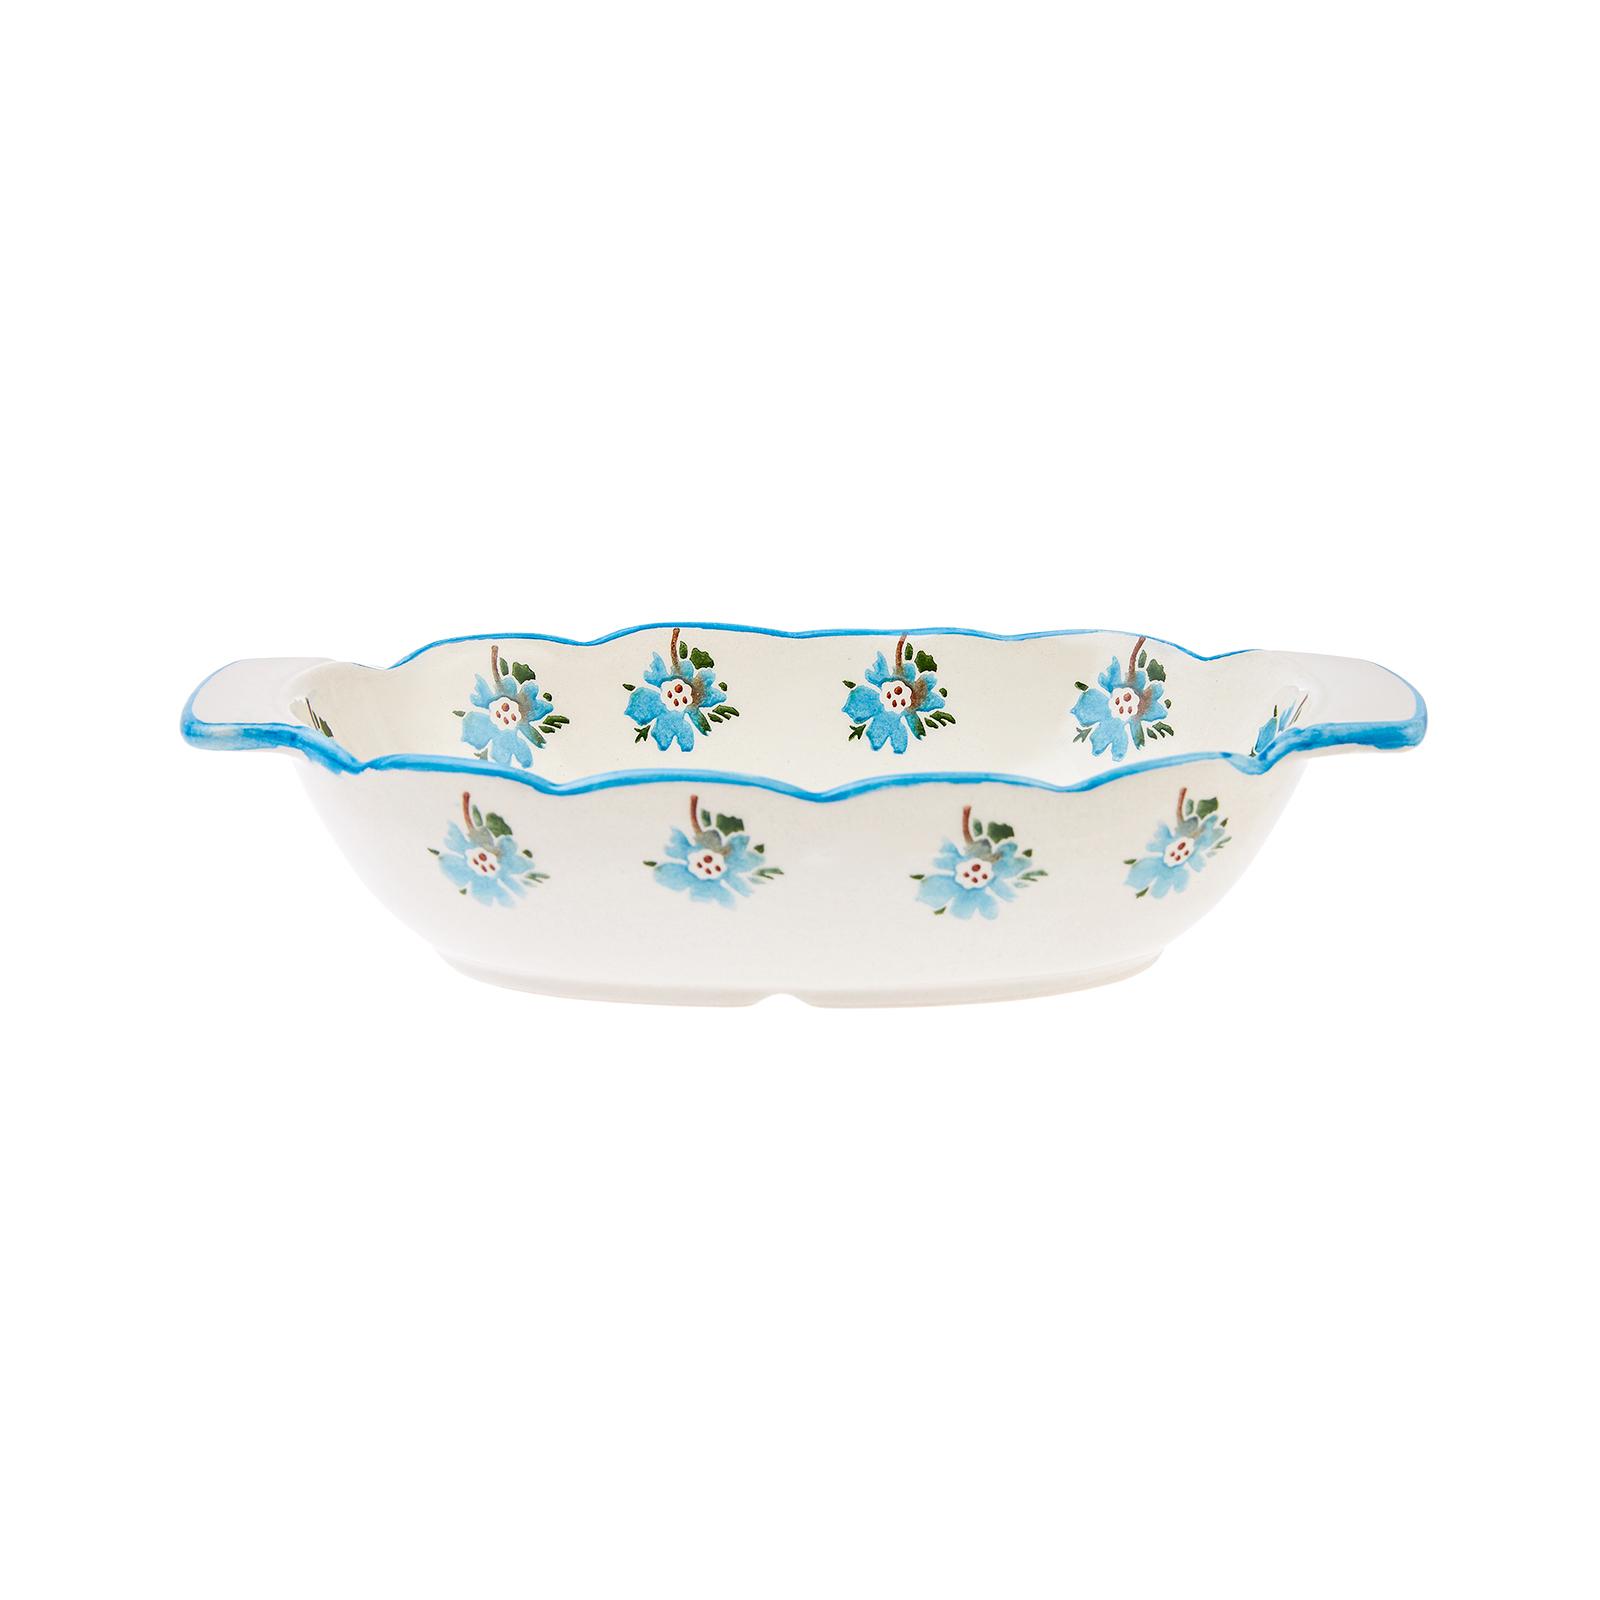 Karaca Flowers Mavi Fırın Kabı 21cm